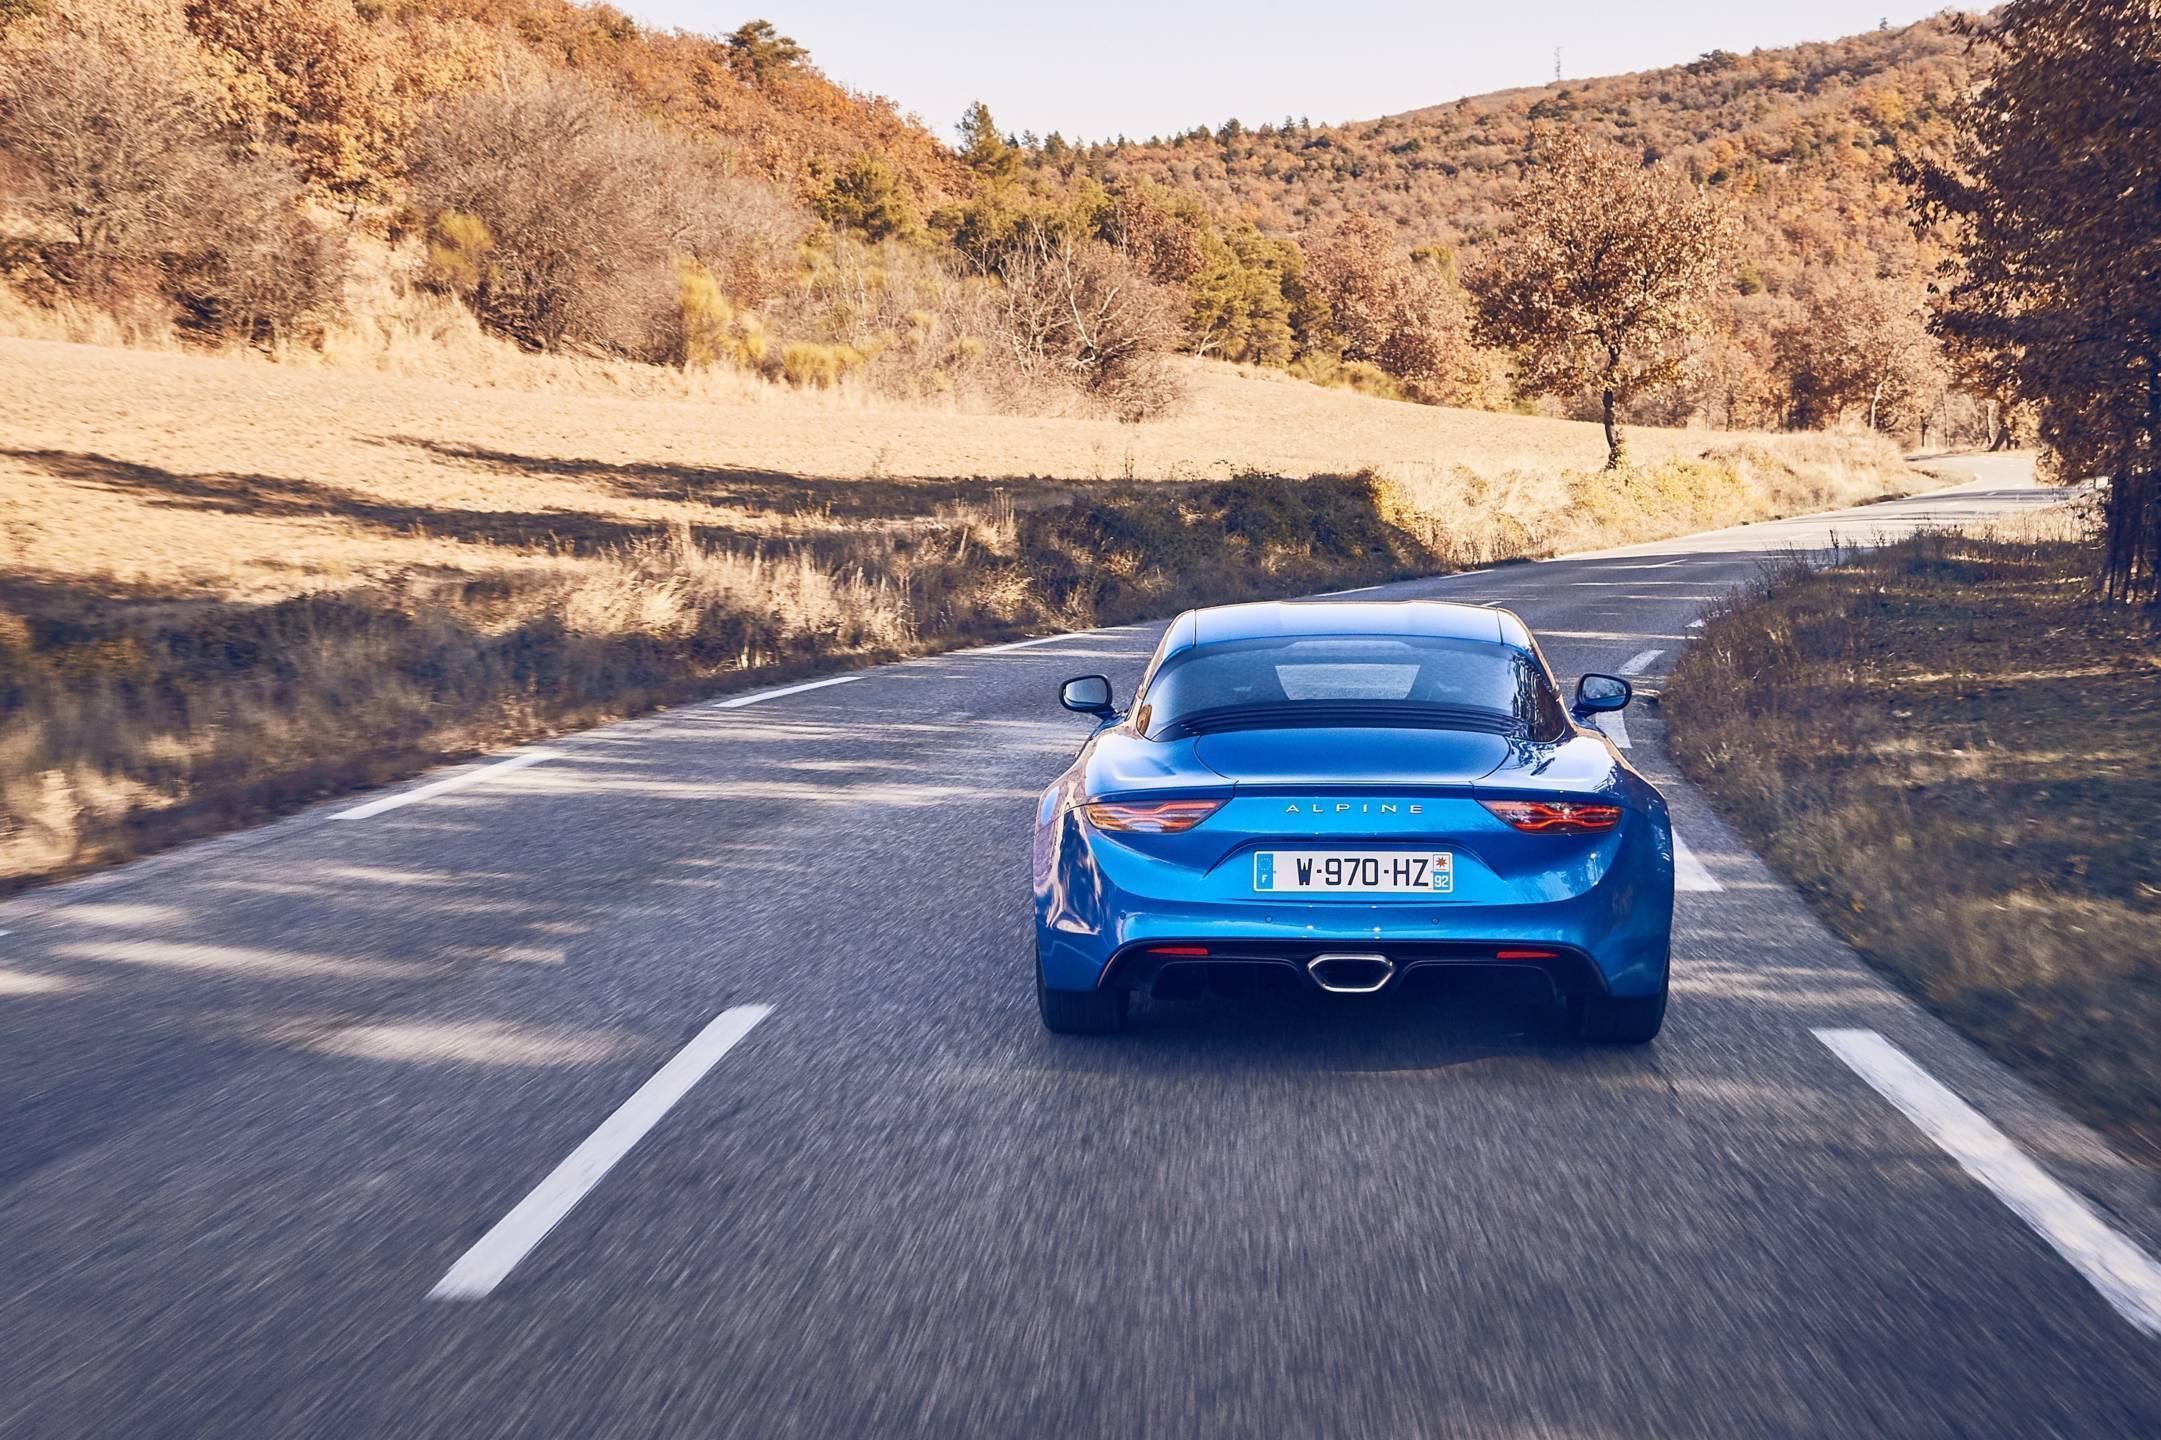 Alpine planet 2017 Alpine A110 test drive 34 - Notre essai de la nouvelle Alpine A110 sur route !